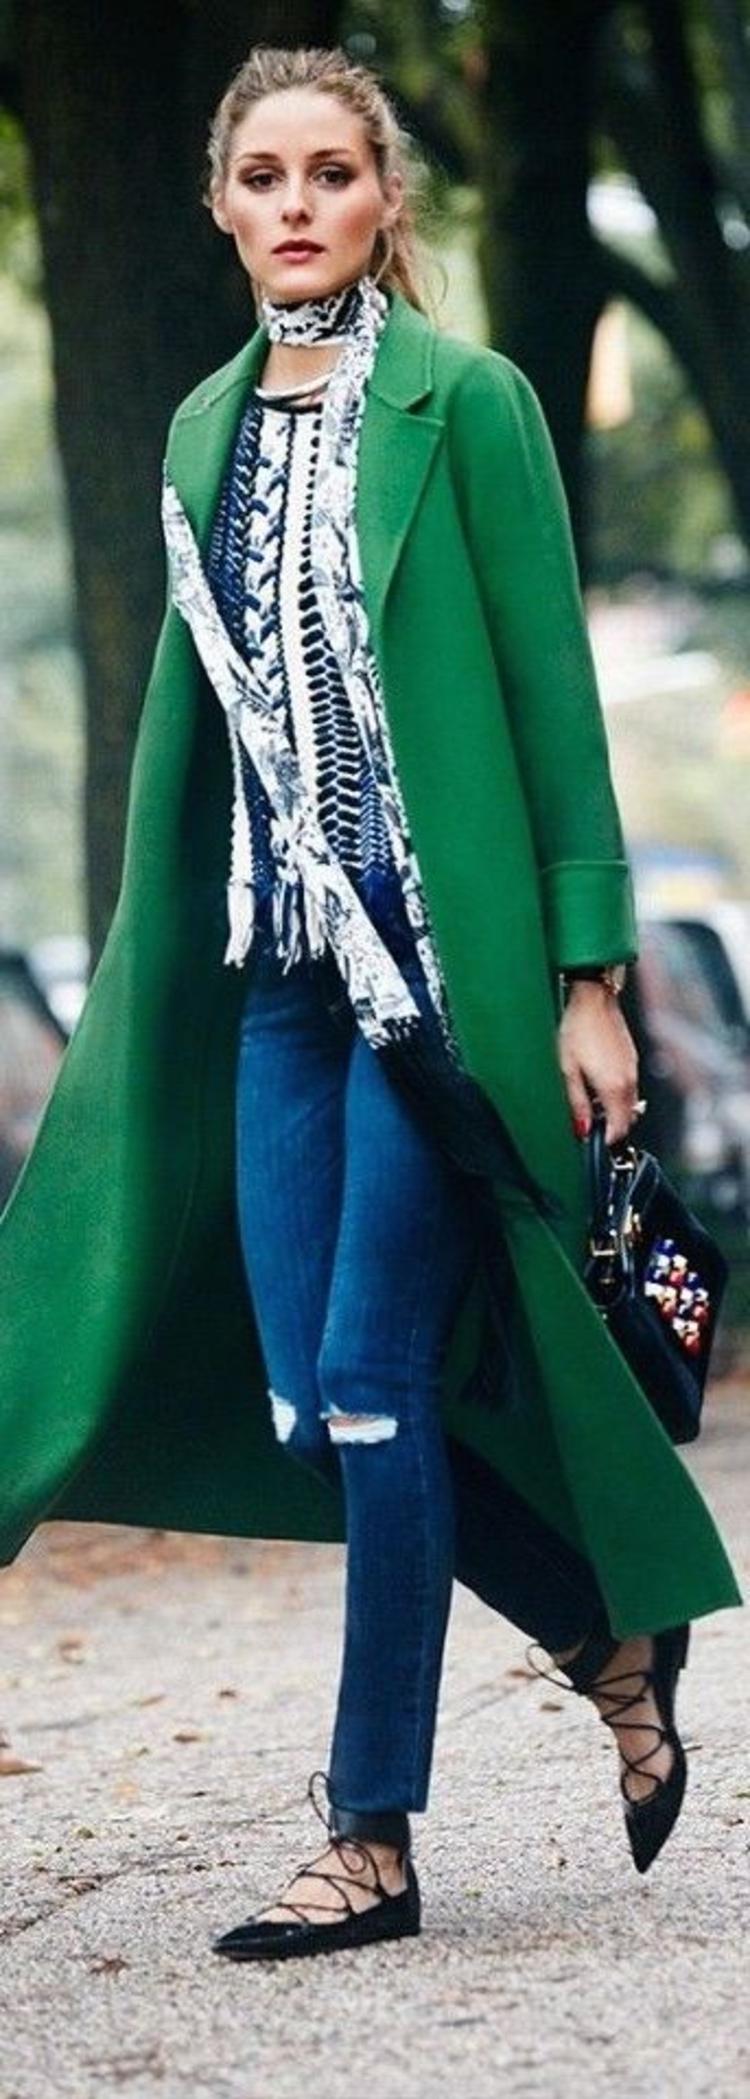 moderne Damenmäantel aktuelle Trendfarben Grün Damenmantel lang